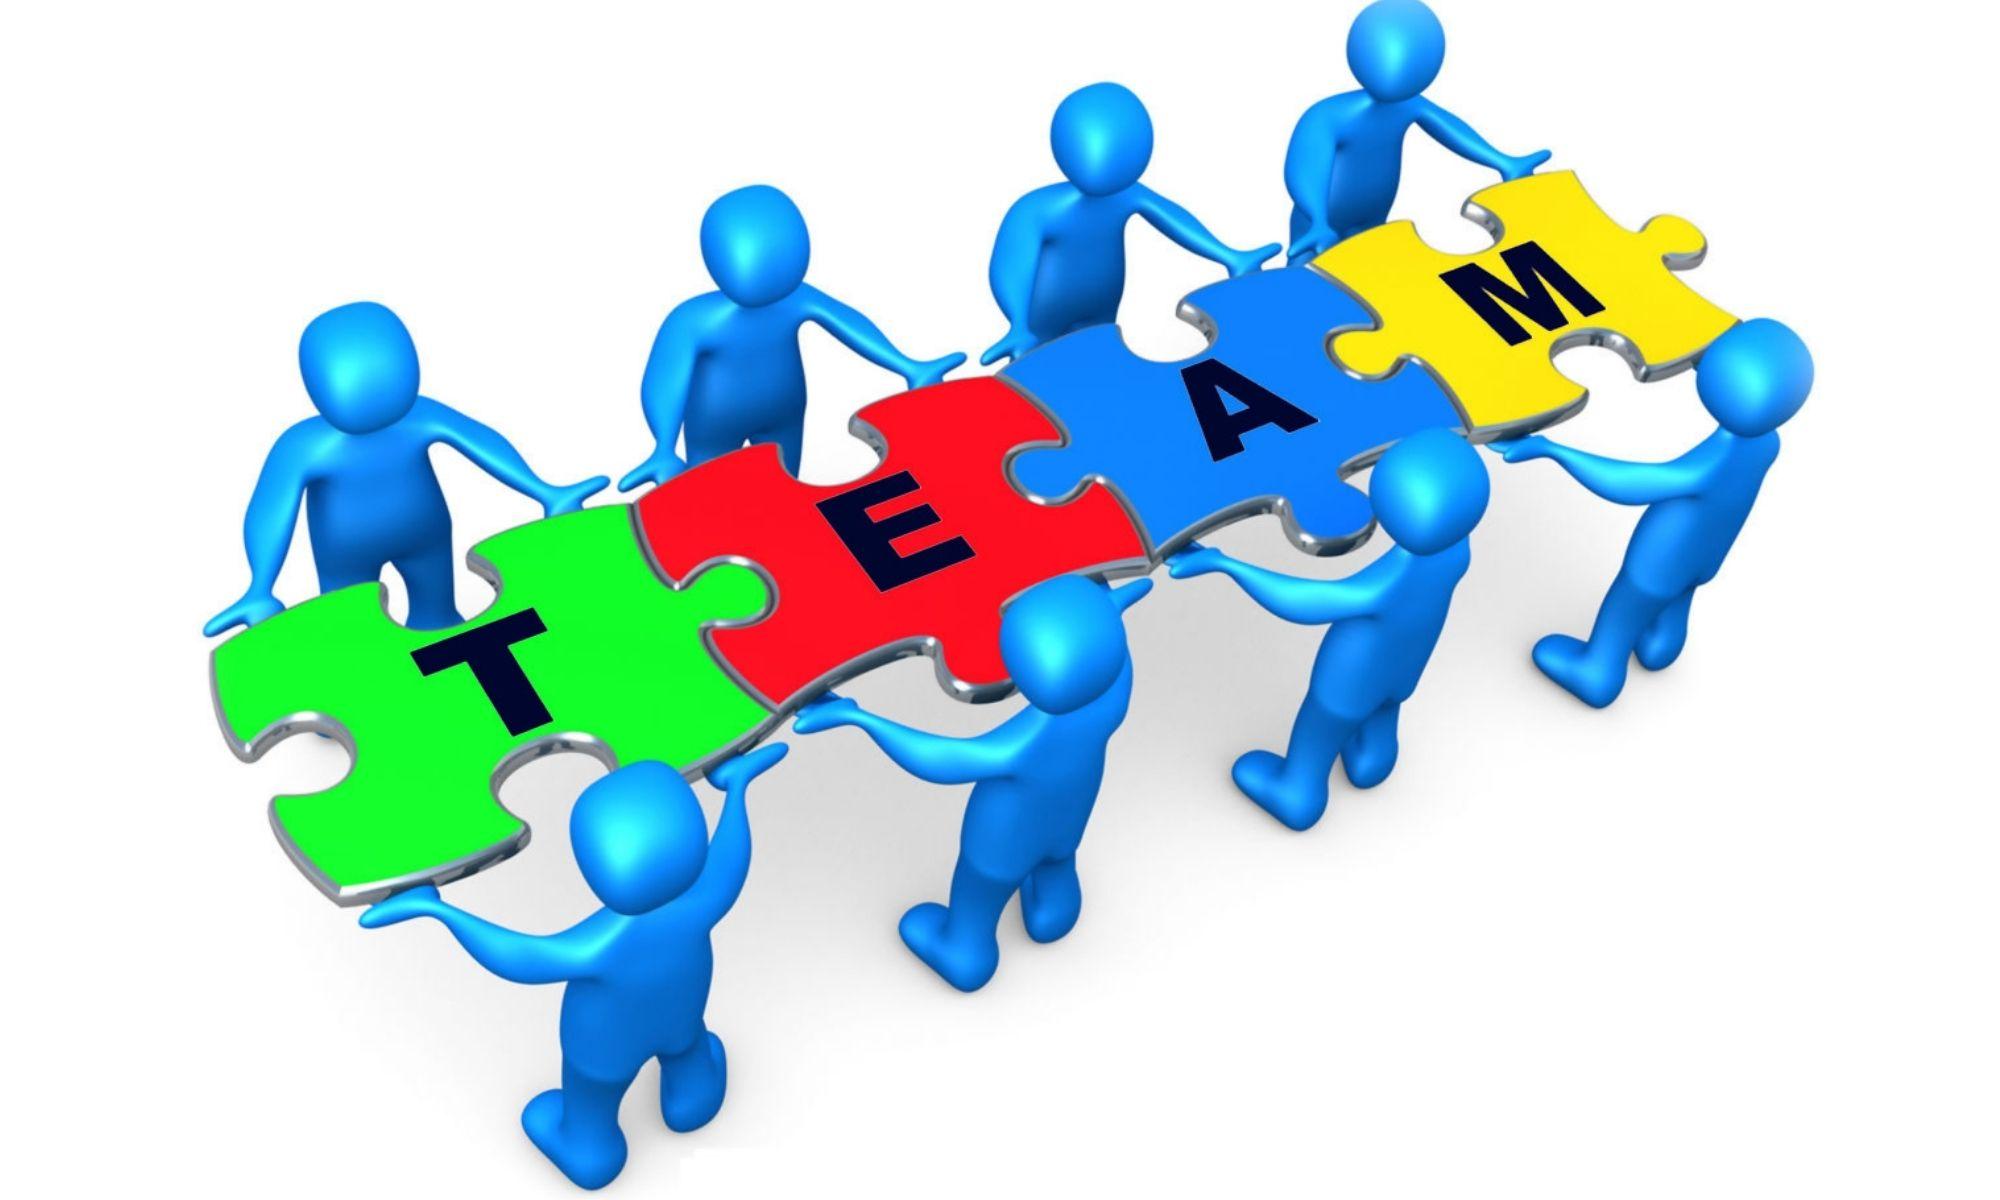 Командная работа это… Создаем эффективную команду